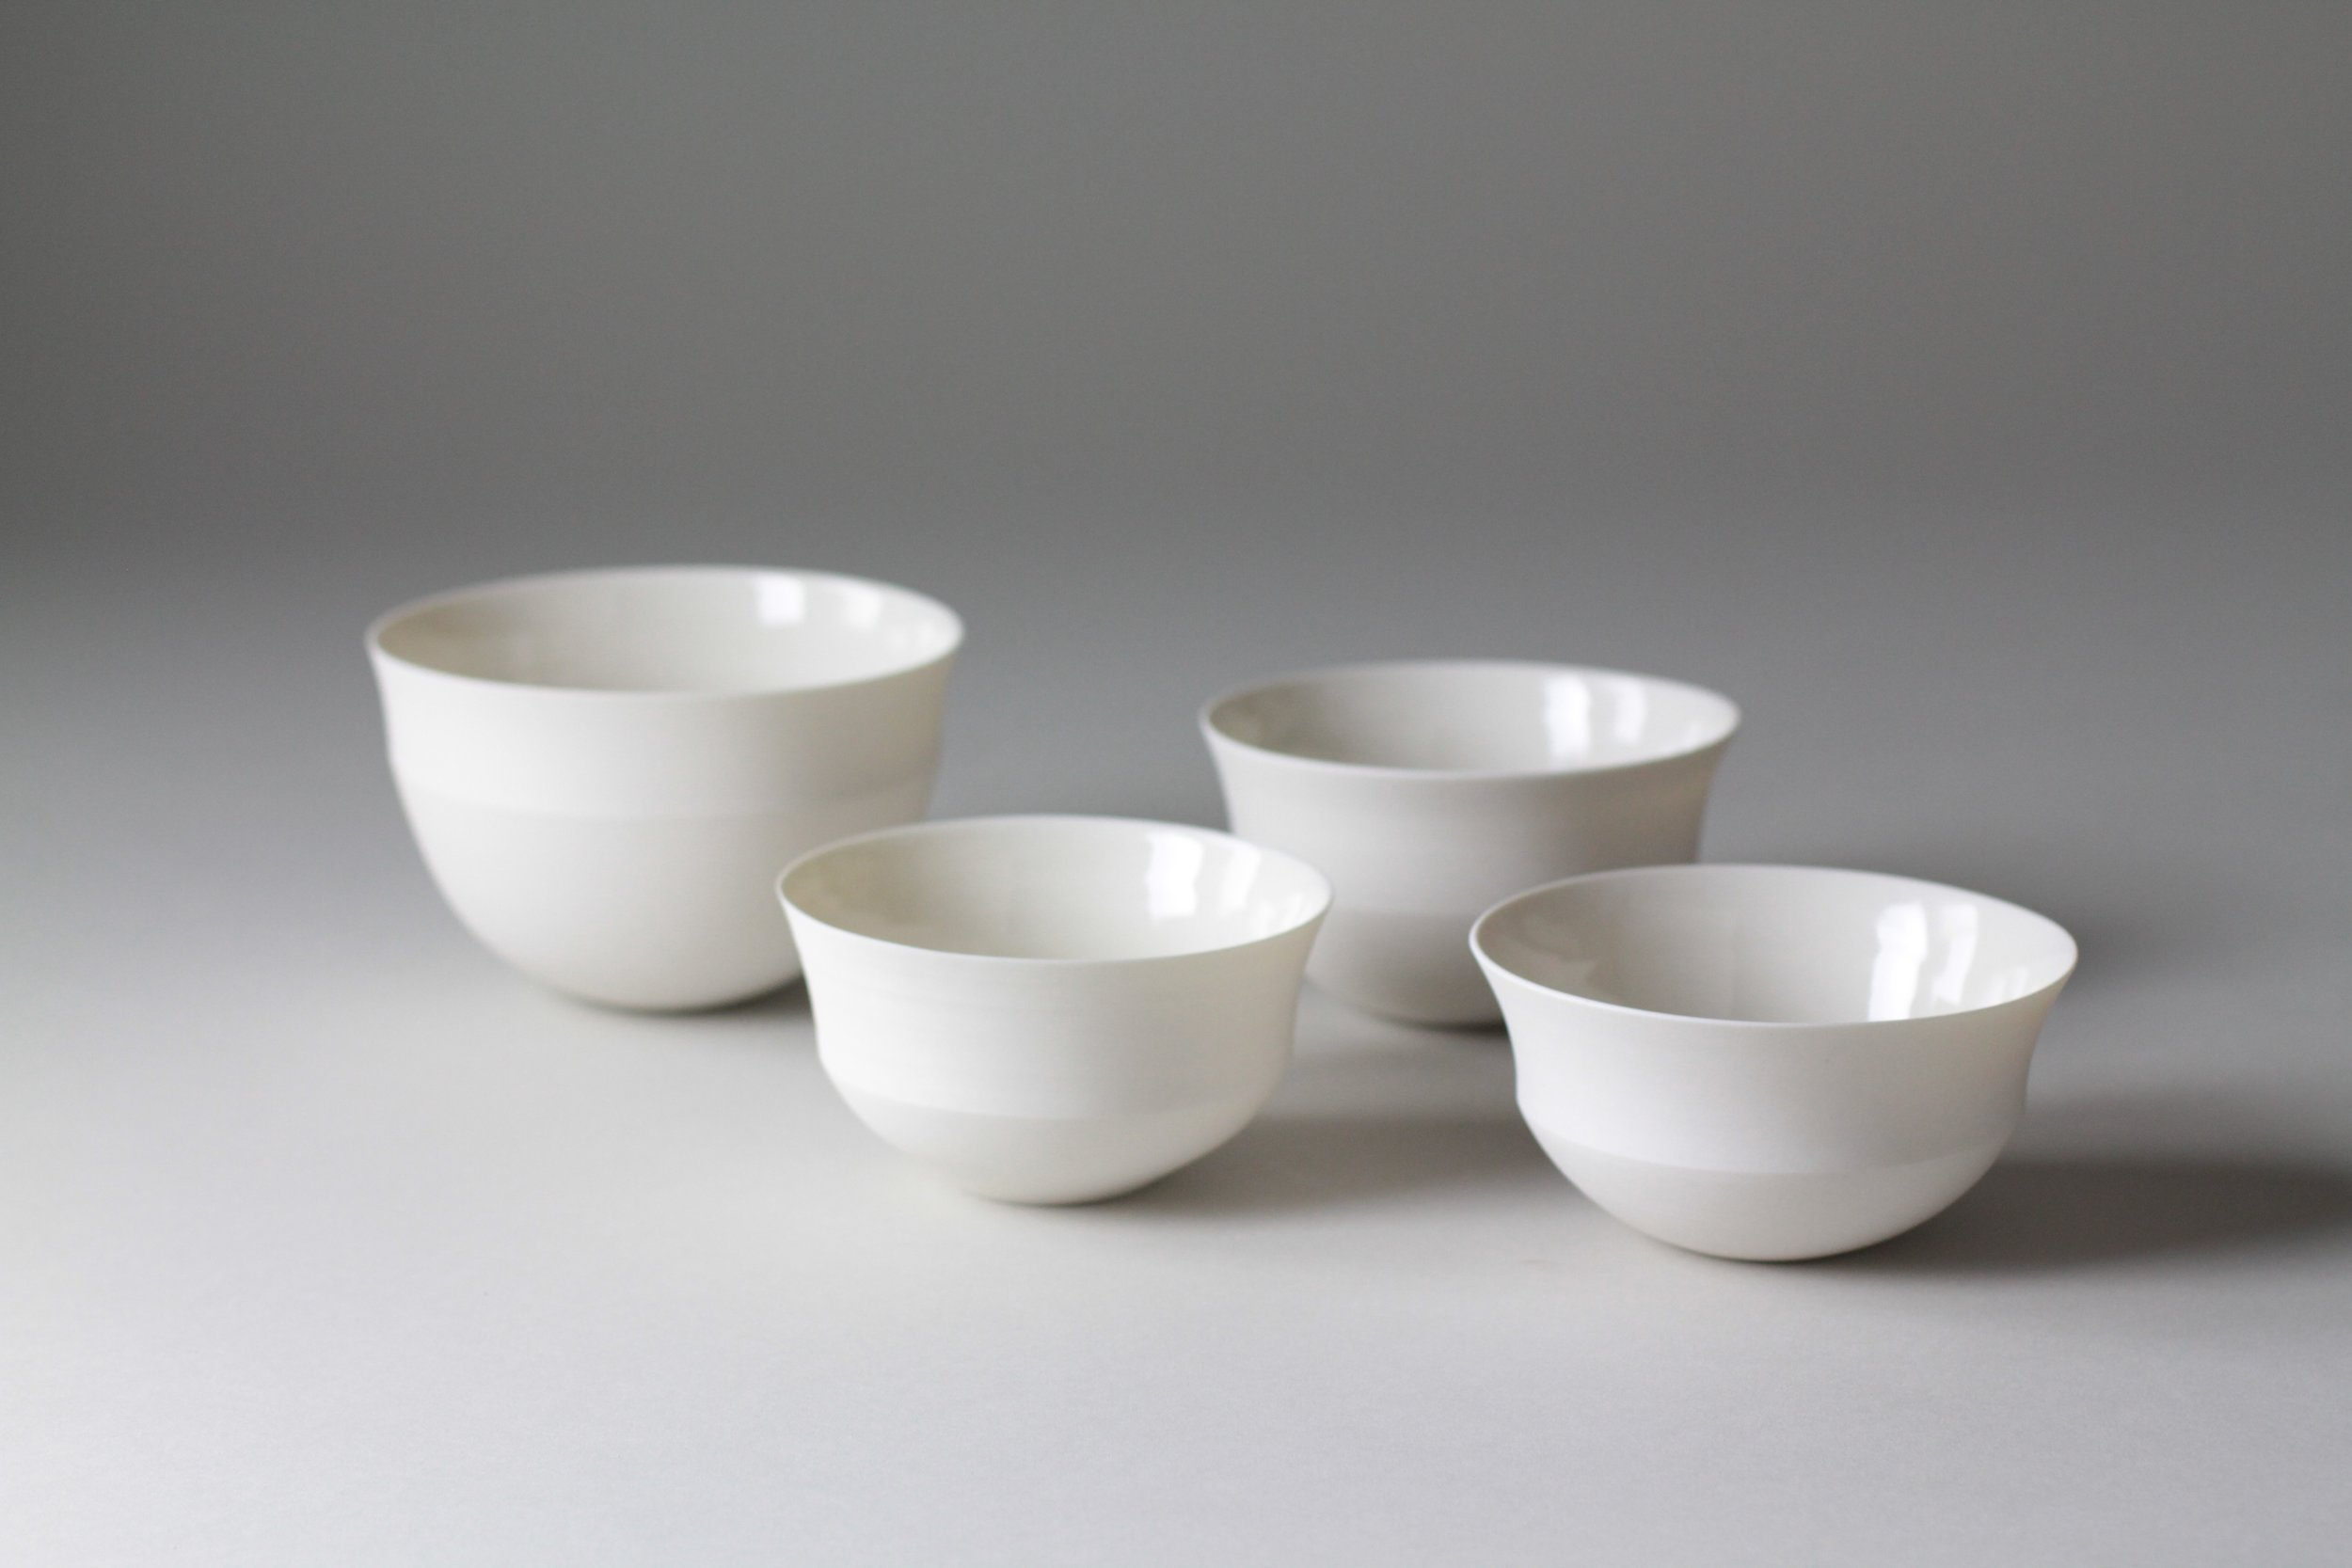 Porcelain ceramic bowl by Lilith Rockett, Portland, Oregon